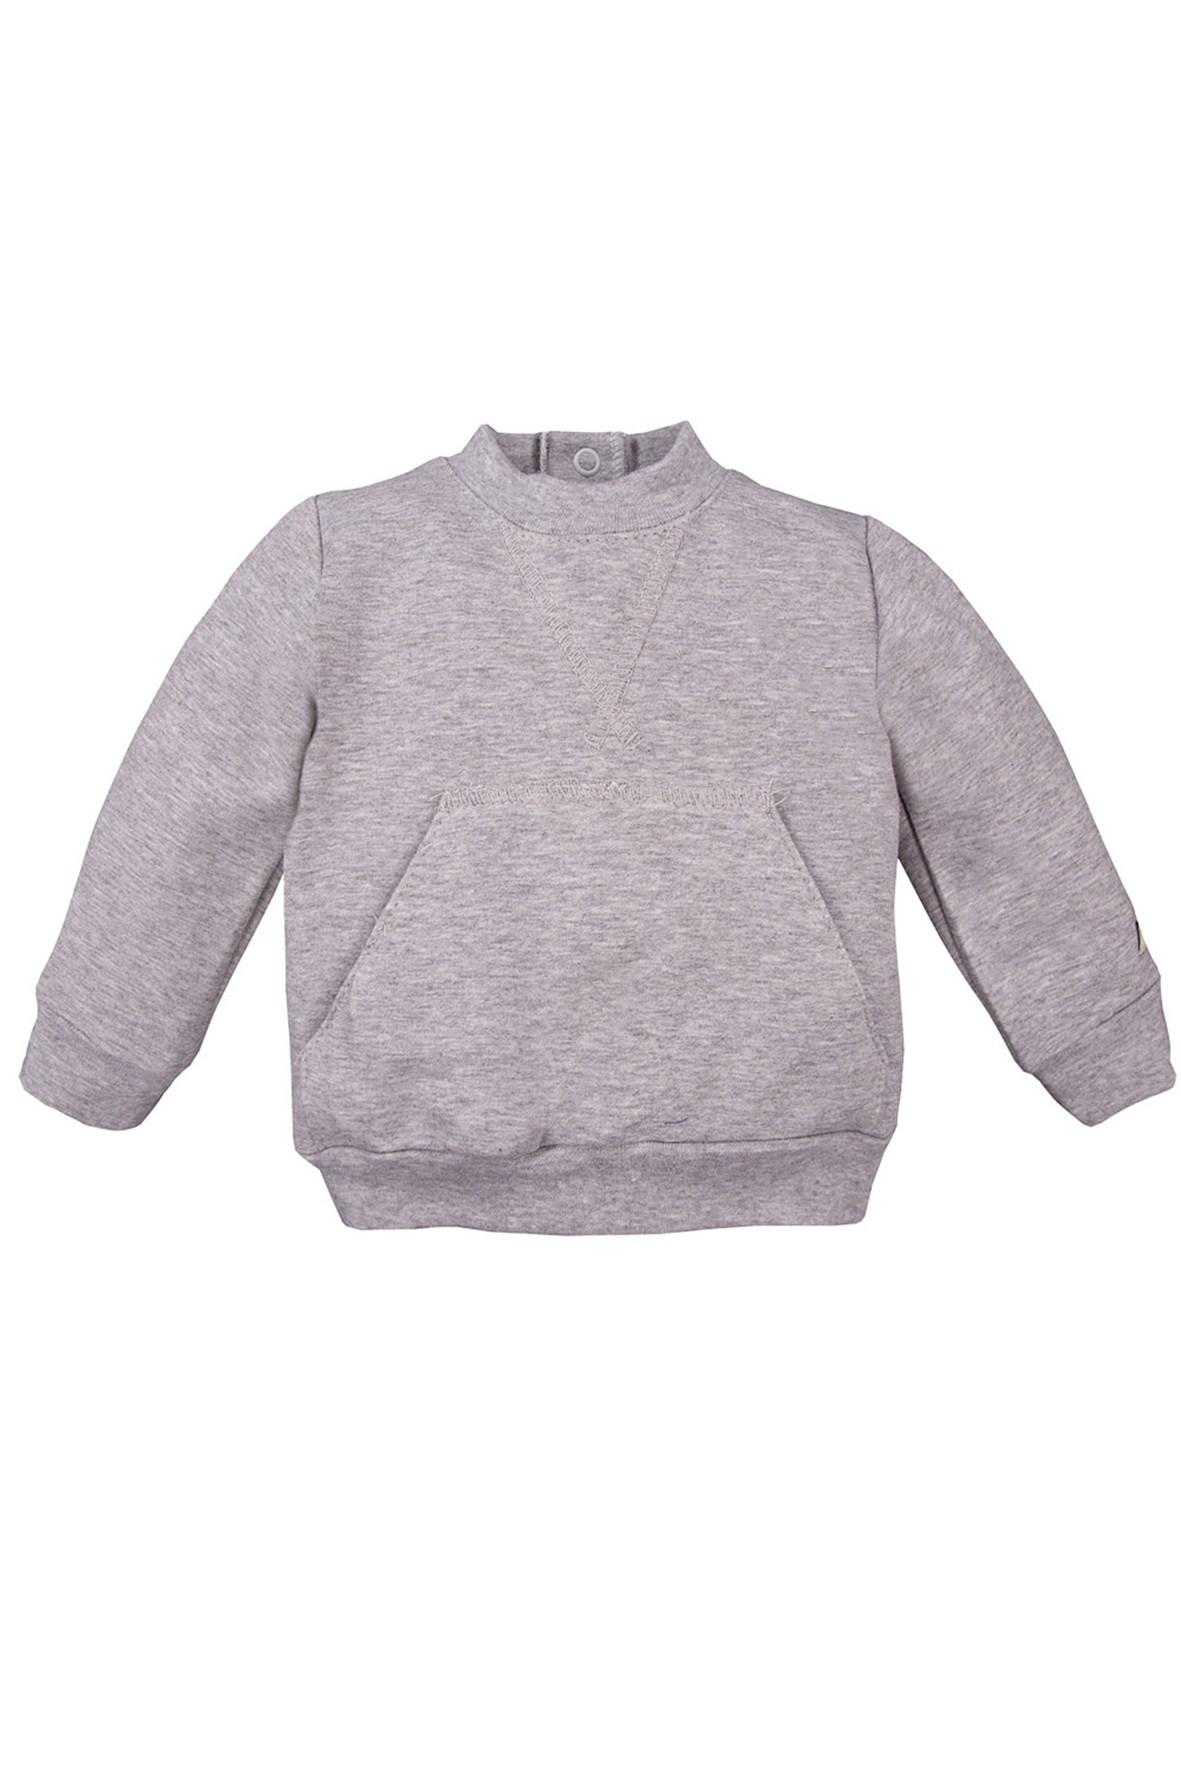 Bawełniana bluza kangurka - szara